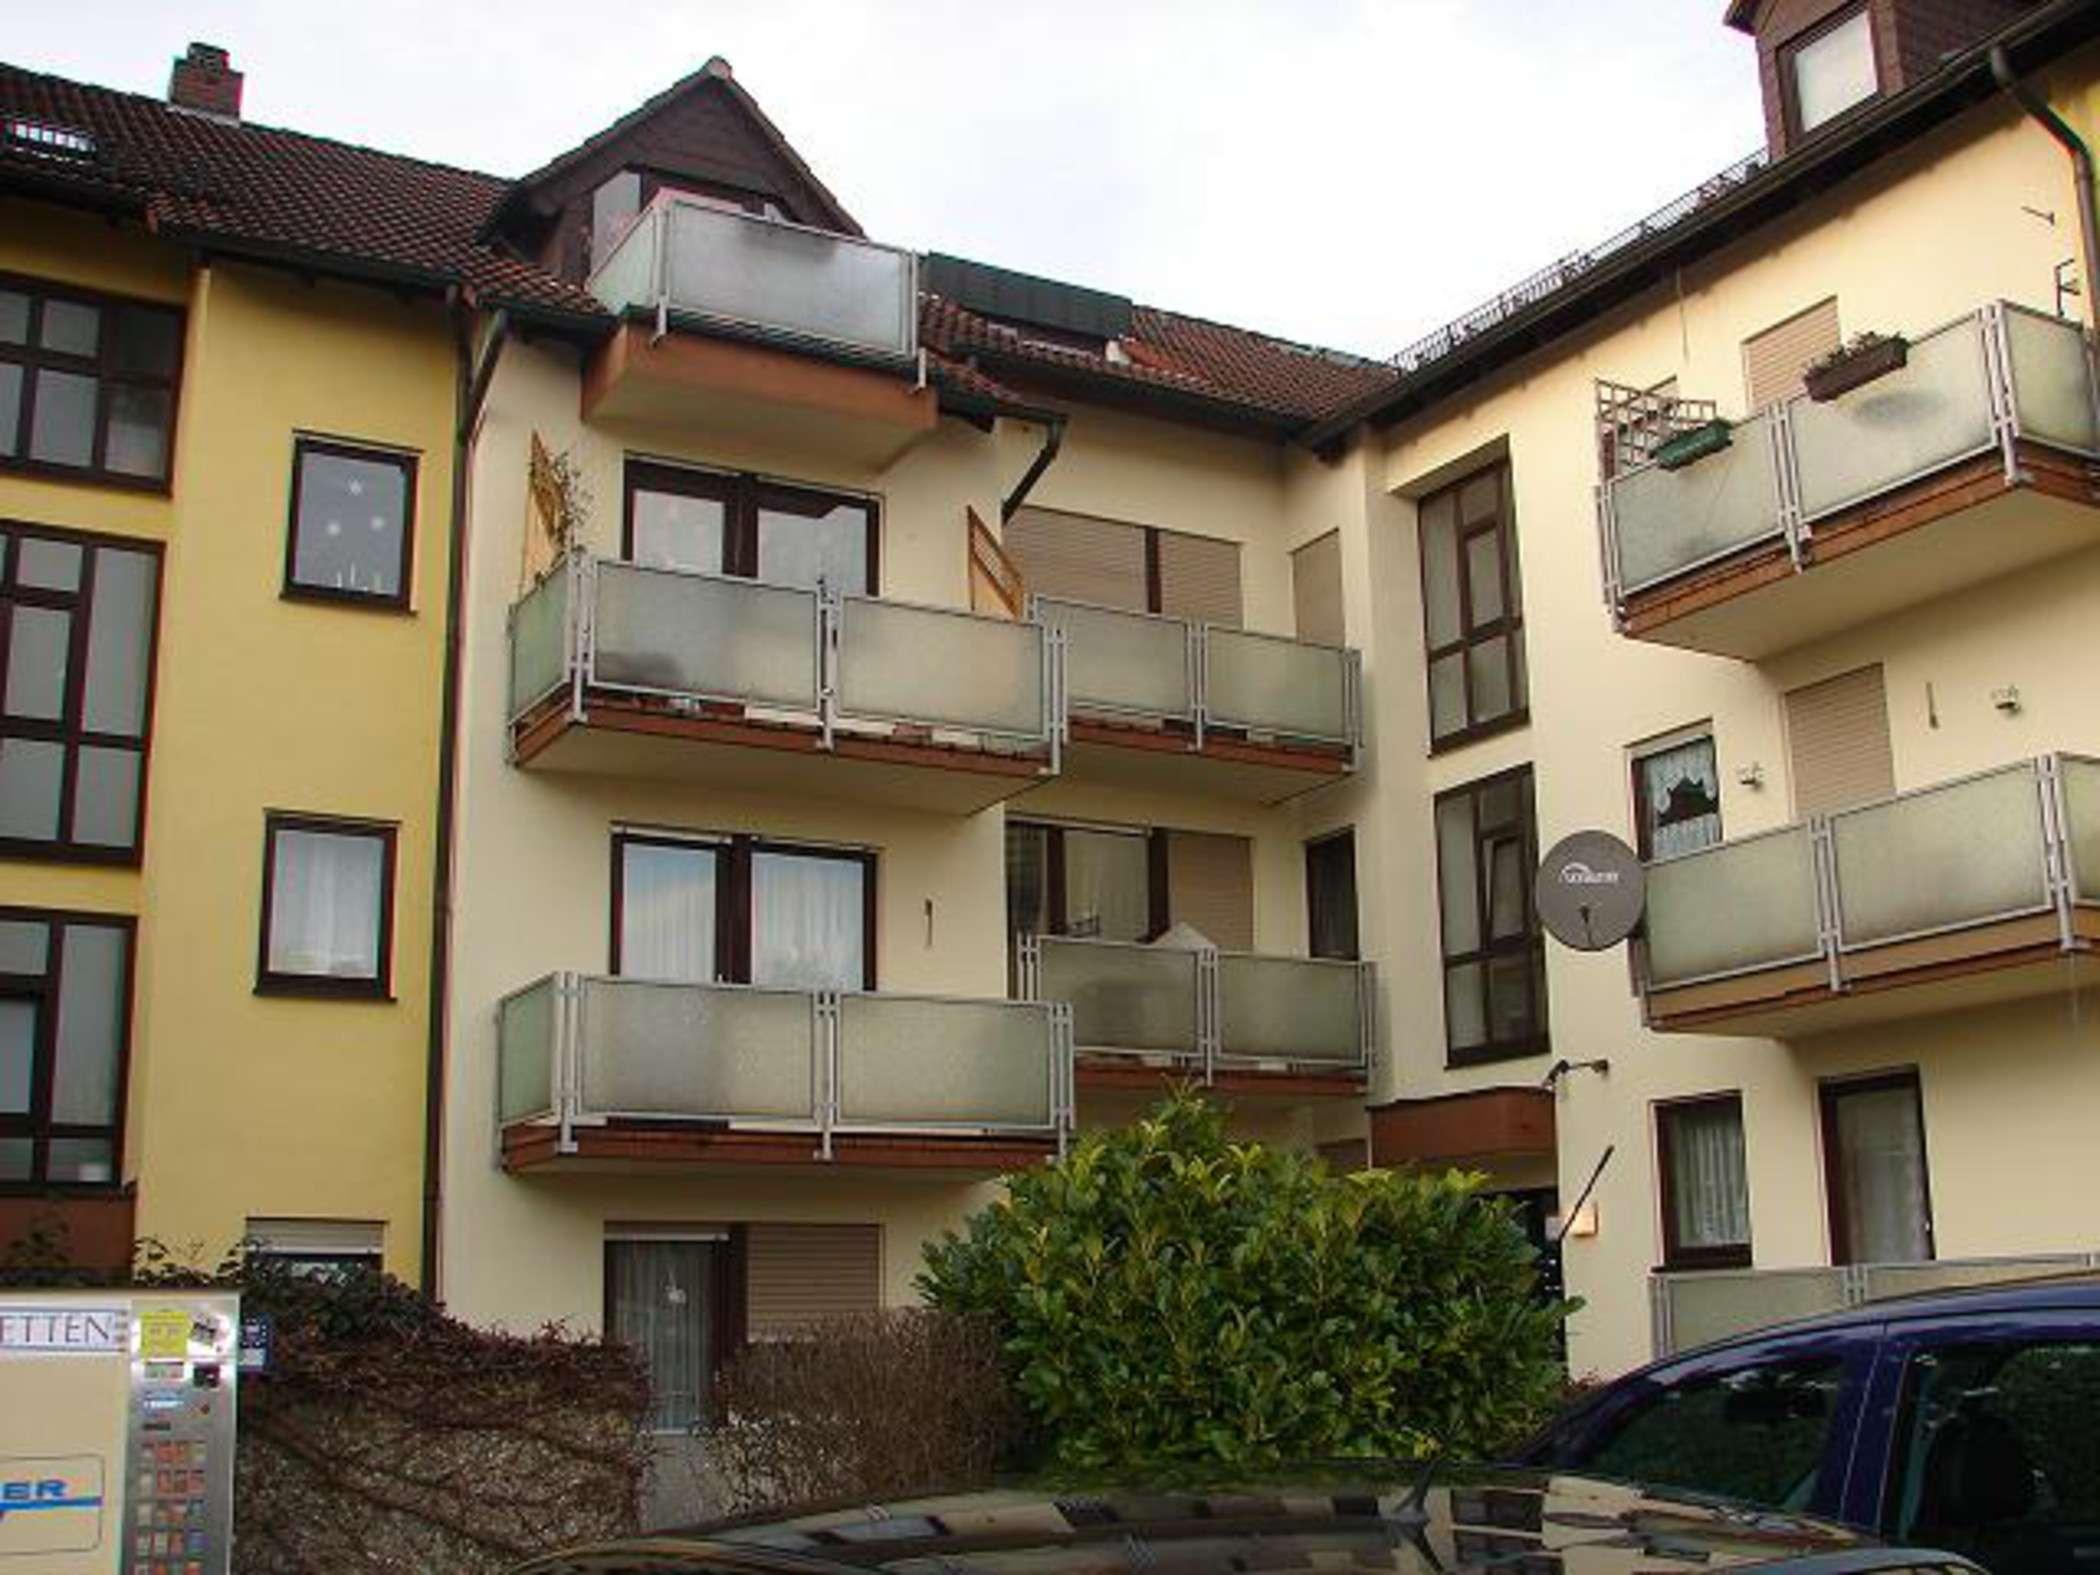 2 Zimmerwohnung in Aschaffenburg-Schweinheim in Schweinheim (Aschaffenburg)